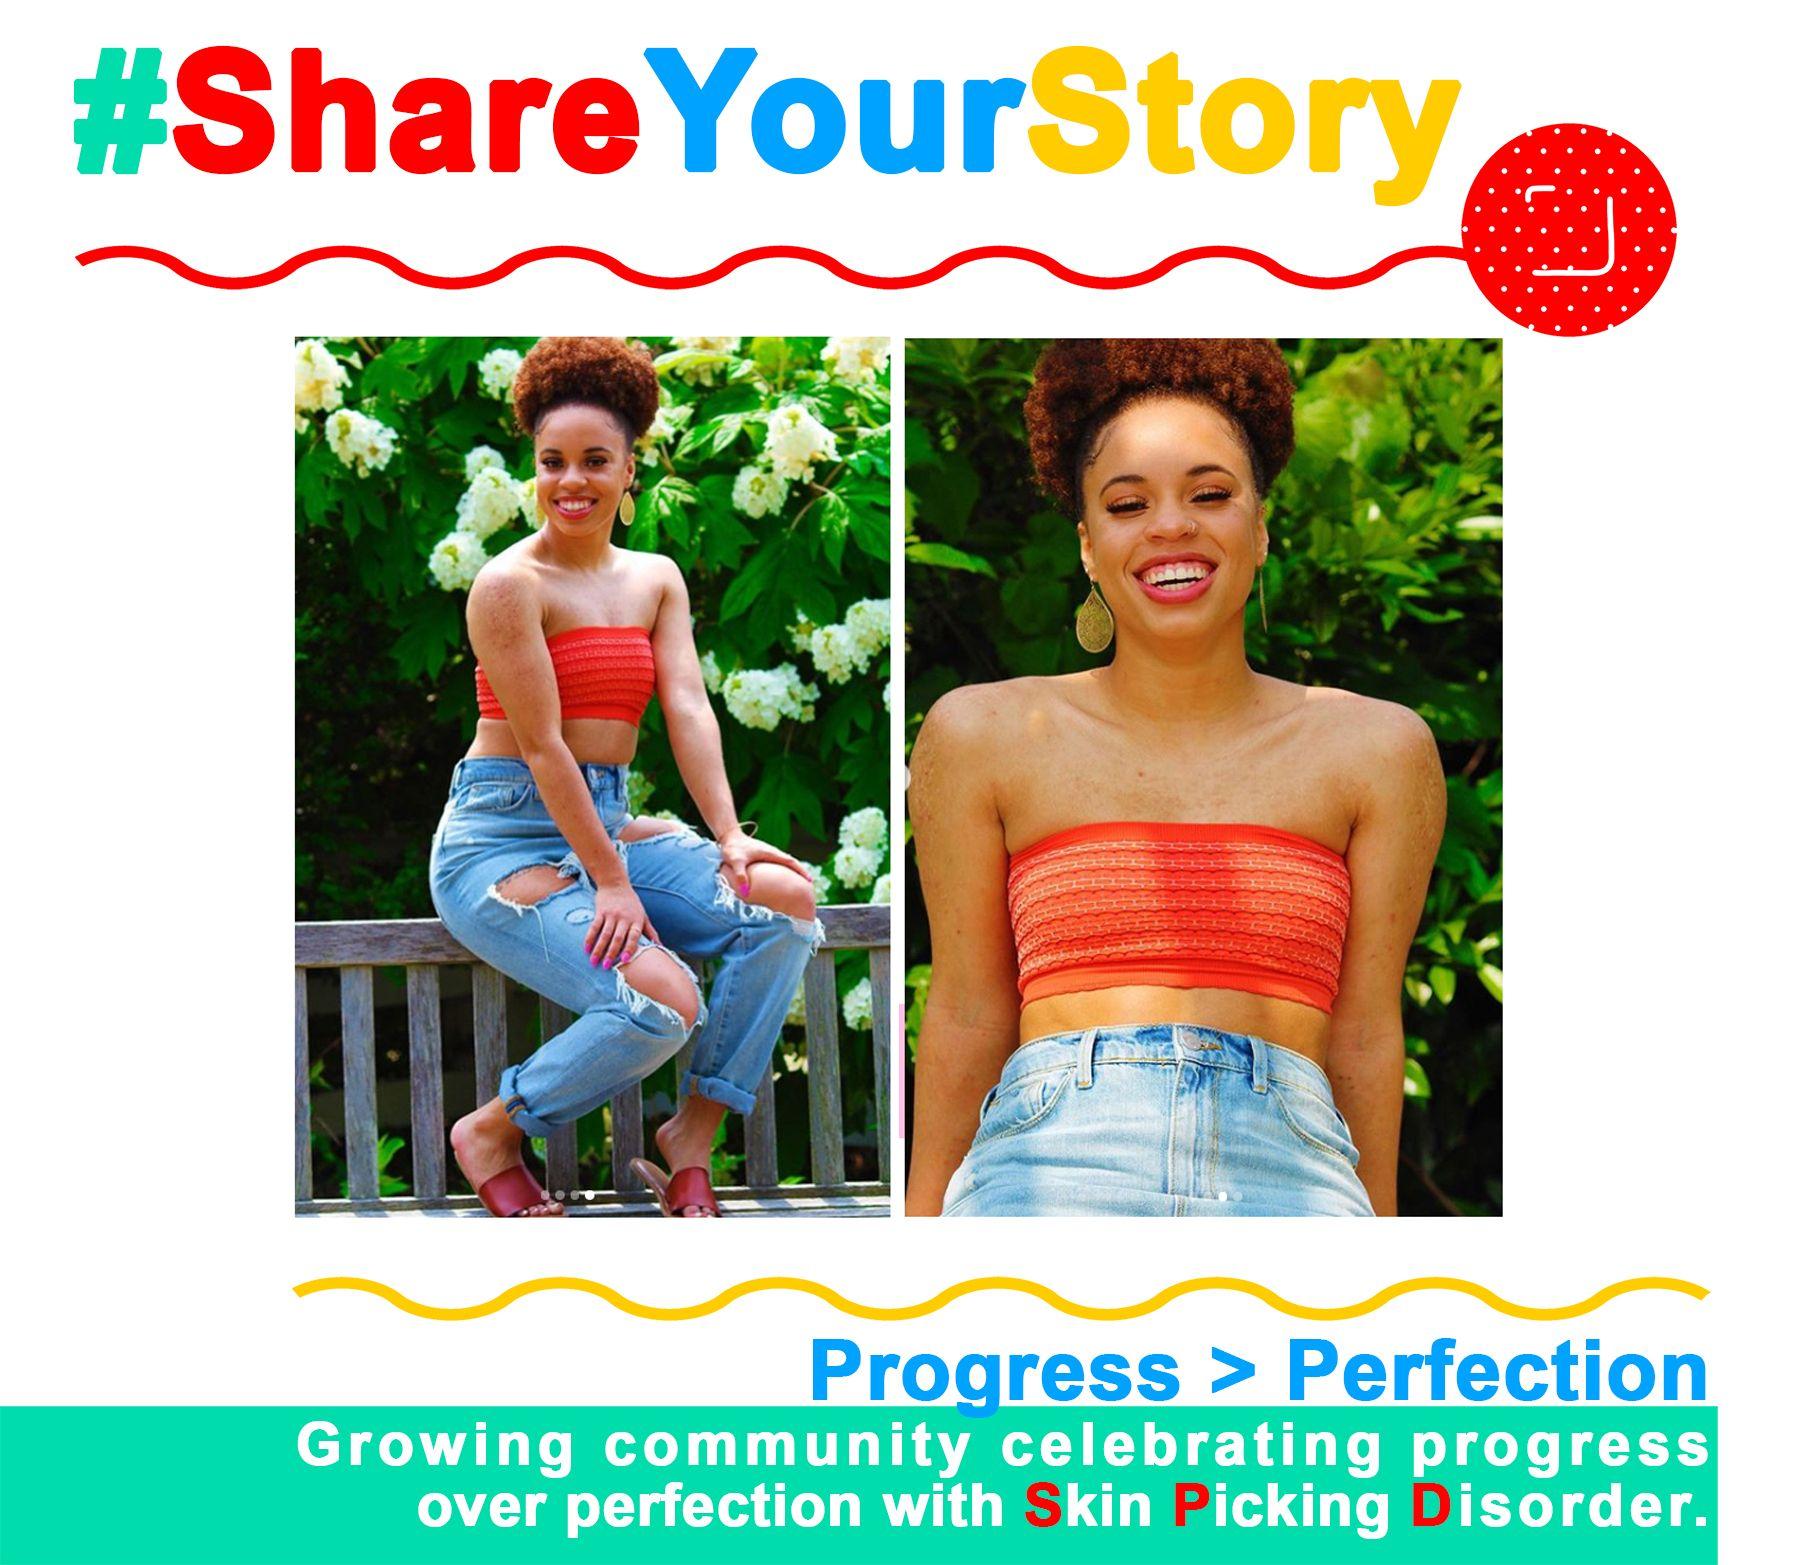 #ShareYourStory: Taya